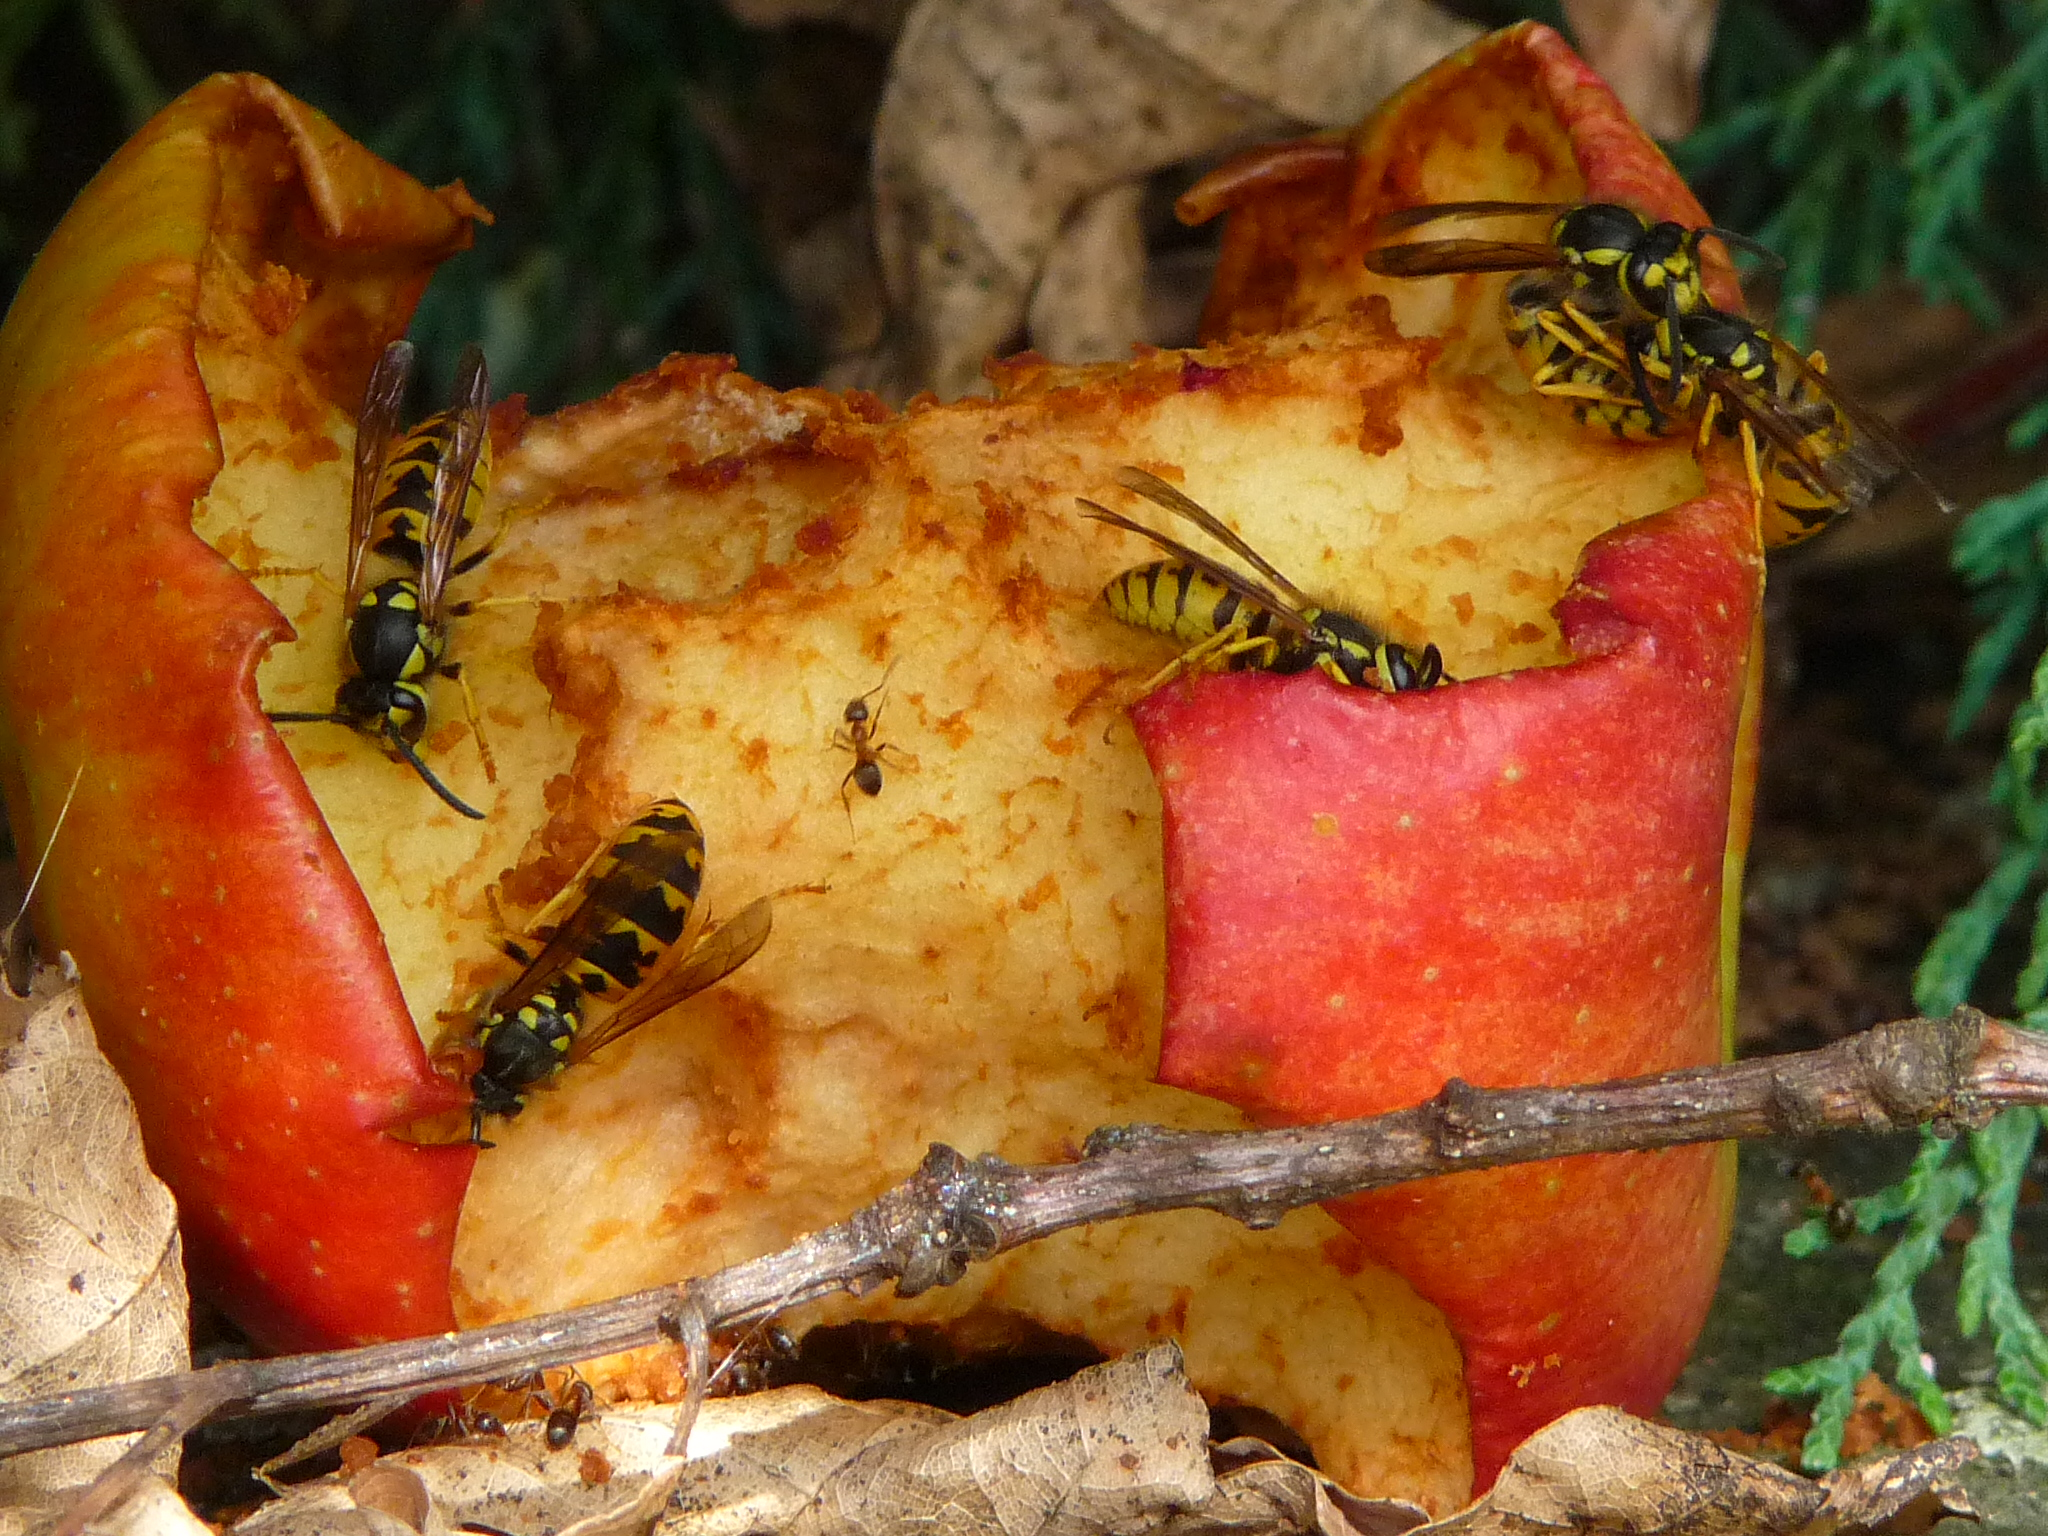 dateiangebissener apfel als nahrungsquelle für wespen und